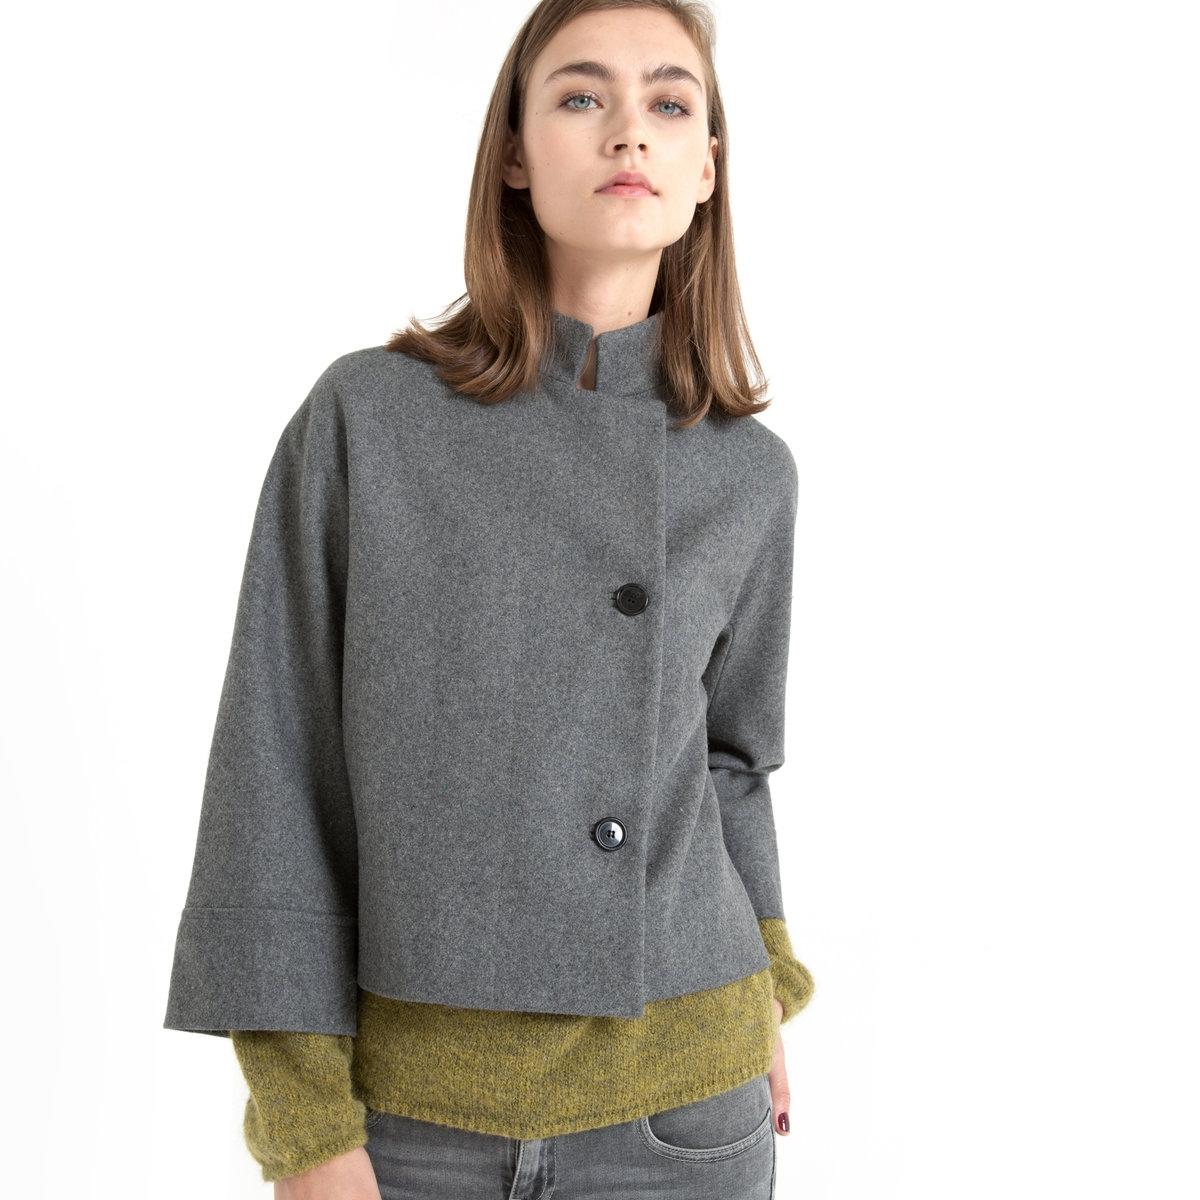 Пальто укороченное, рукава 3/4, прямой воротник FIGUEПальто с рукавами 3/4 FIGUE - GAT RIMON. Пальто короткого покроя выше талии. Асимметричная застежка на левую сторону. Прямой воротник . Широкий отворот на манжетах. 80% шерсти, 20% полиамида .<br><br>Цвет: серый меланж<br>Размер: 2(M)